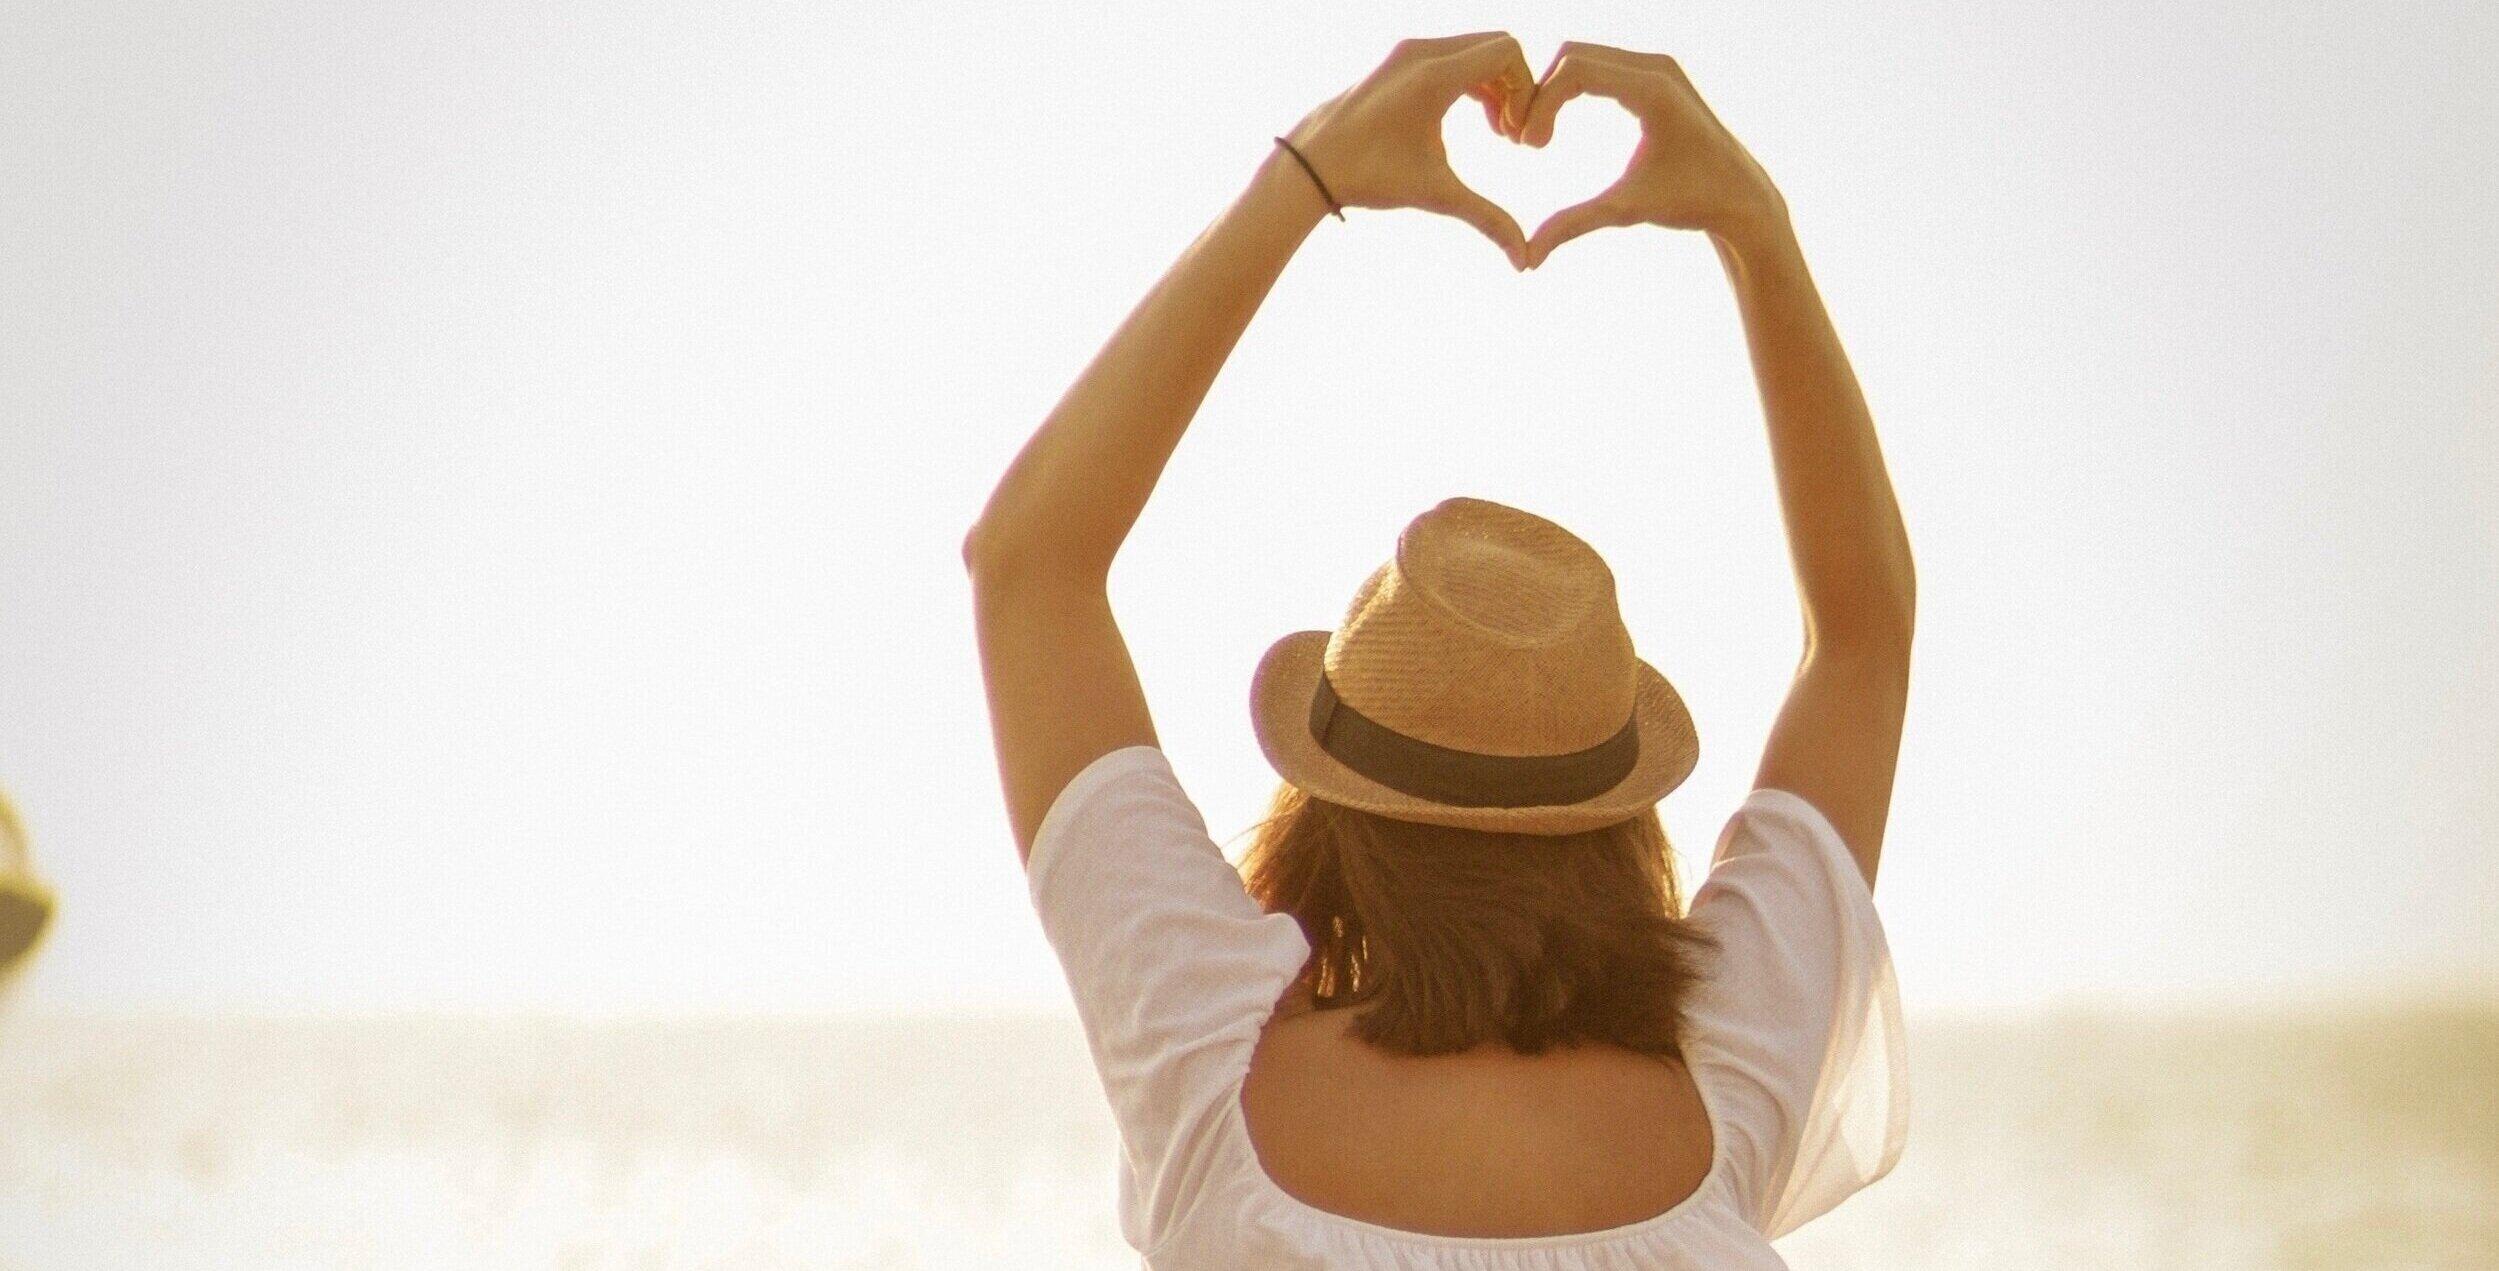 heart%25252Band%25252Blung%25252Bhealth.jpg